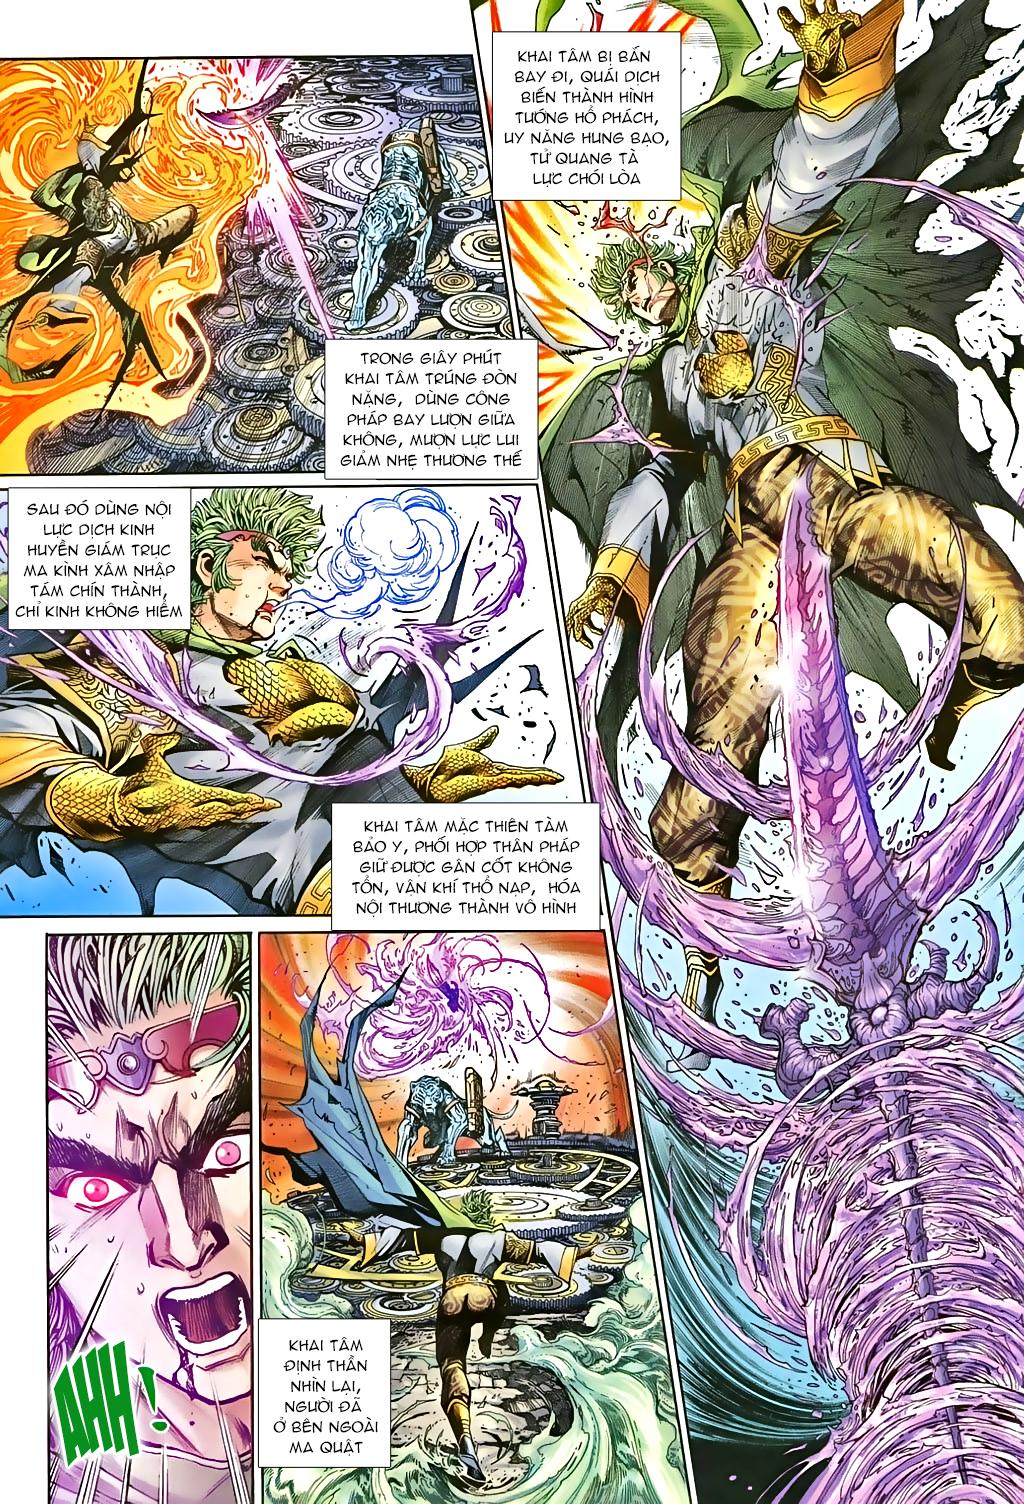 Thần binh huyền kỳ 3 - 3.5 tập 81 - 10